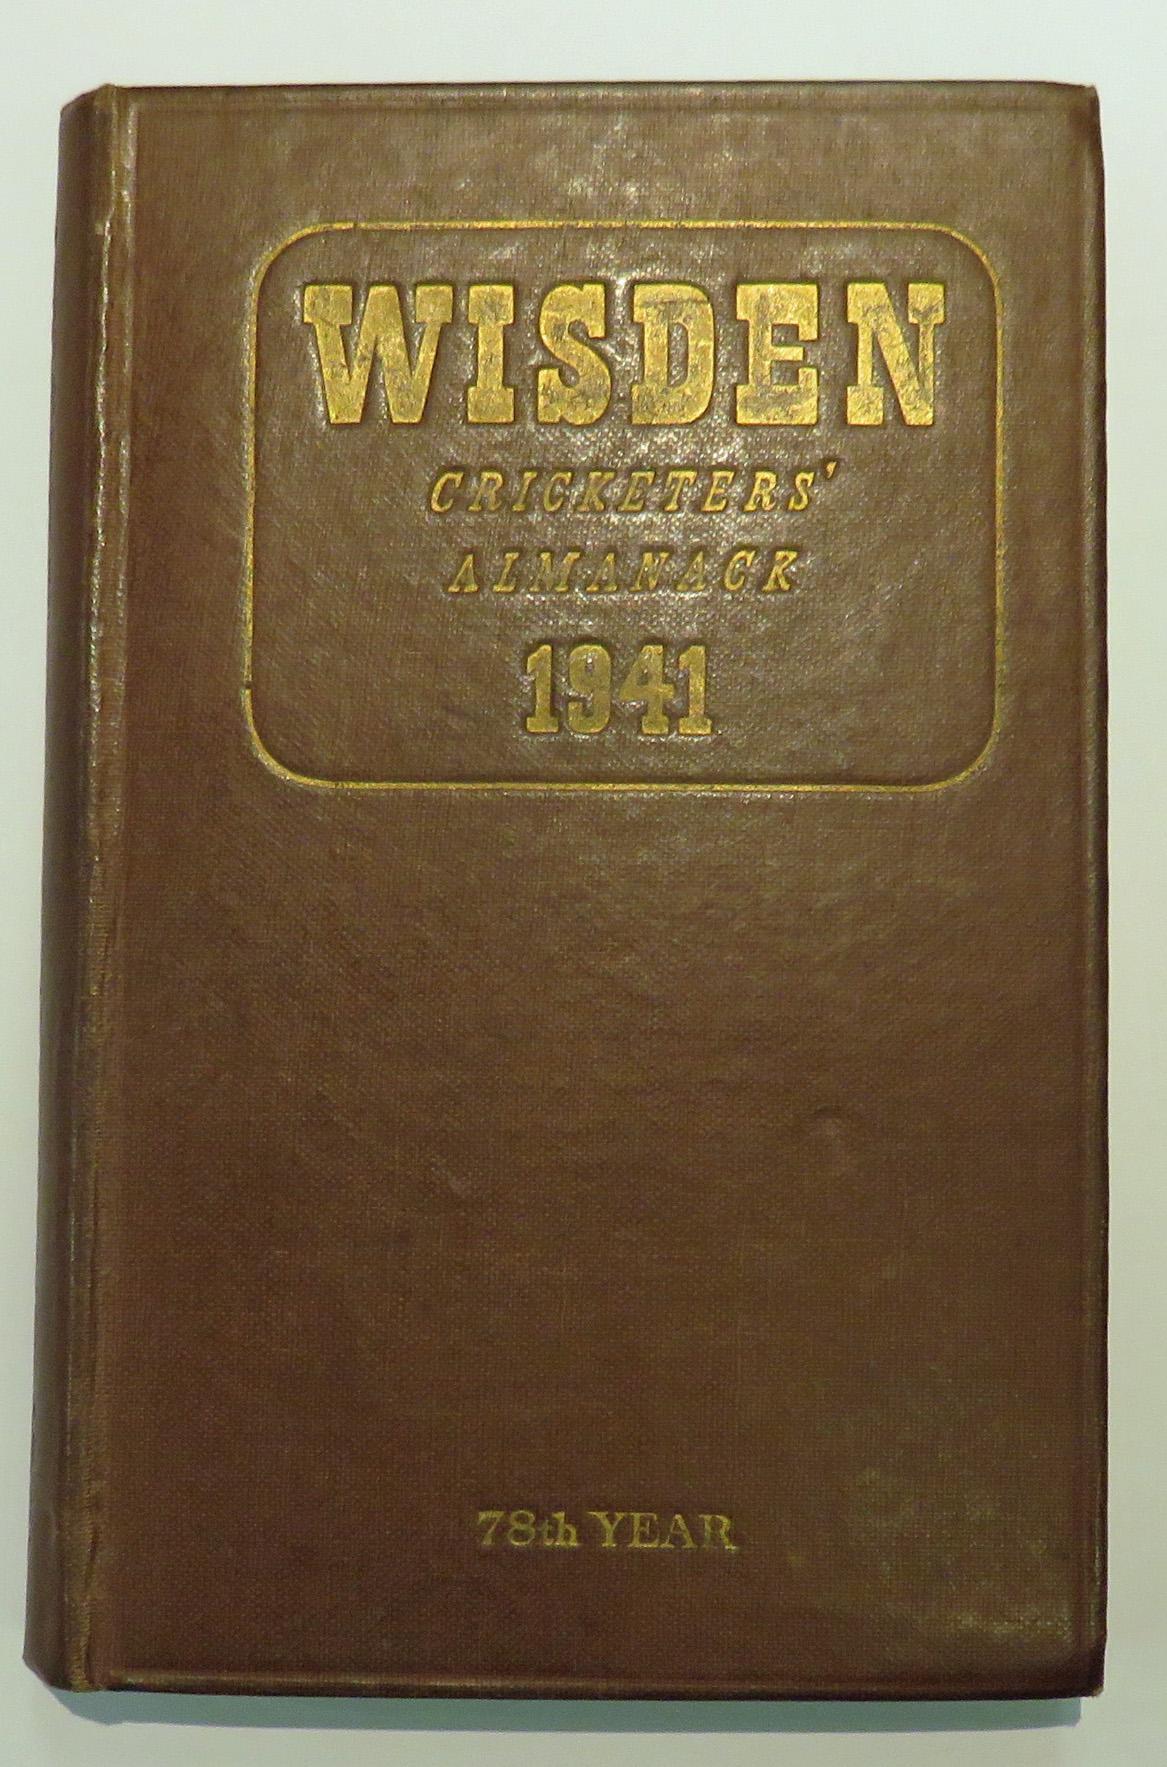 **Wisden's Cricketers' Almanack For 1941**